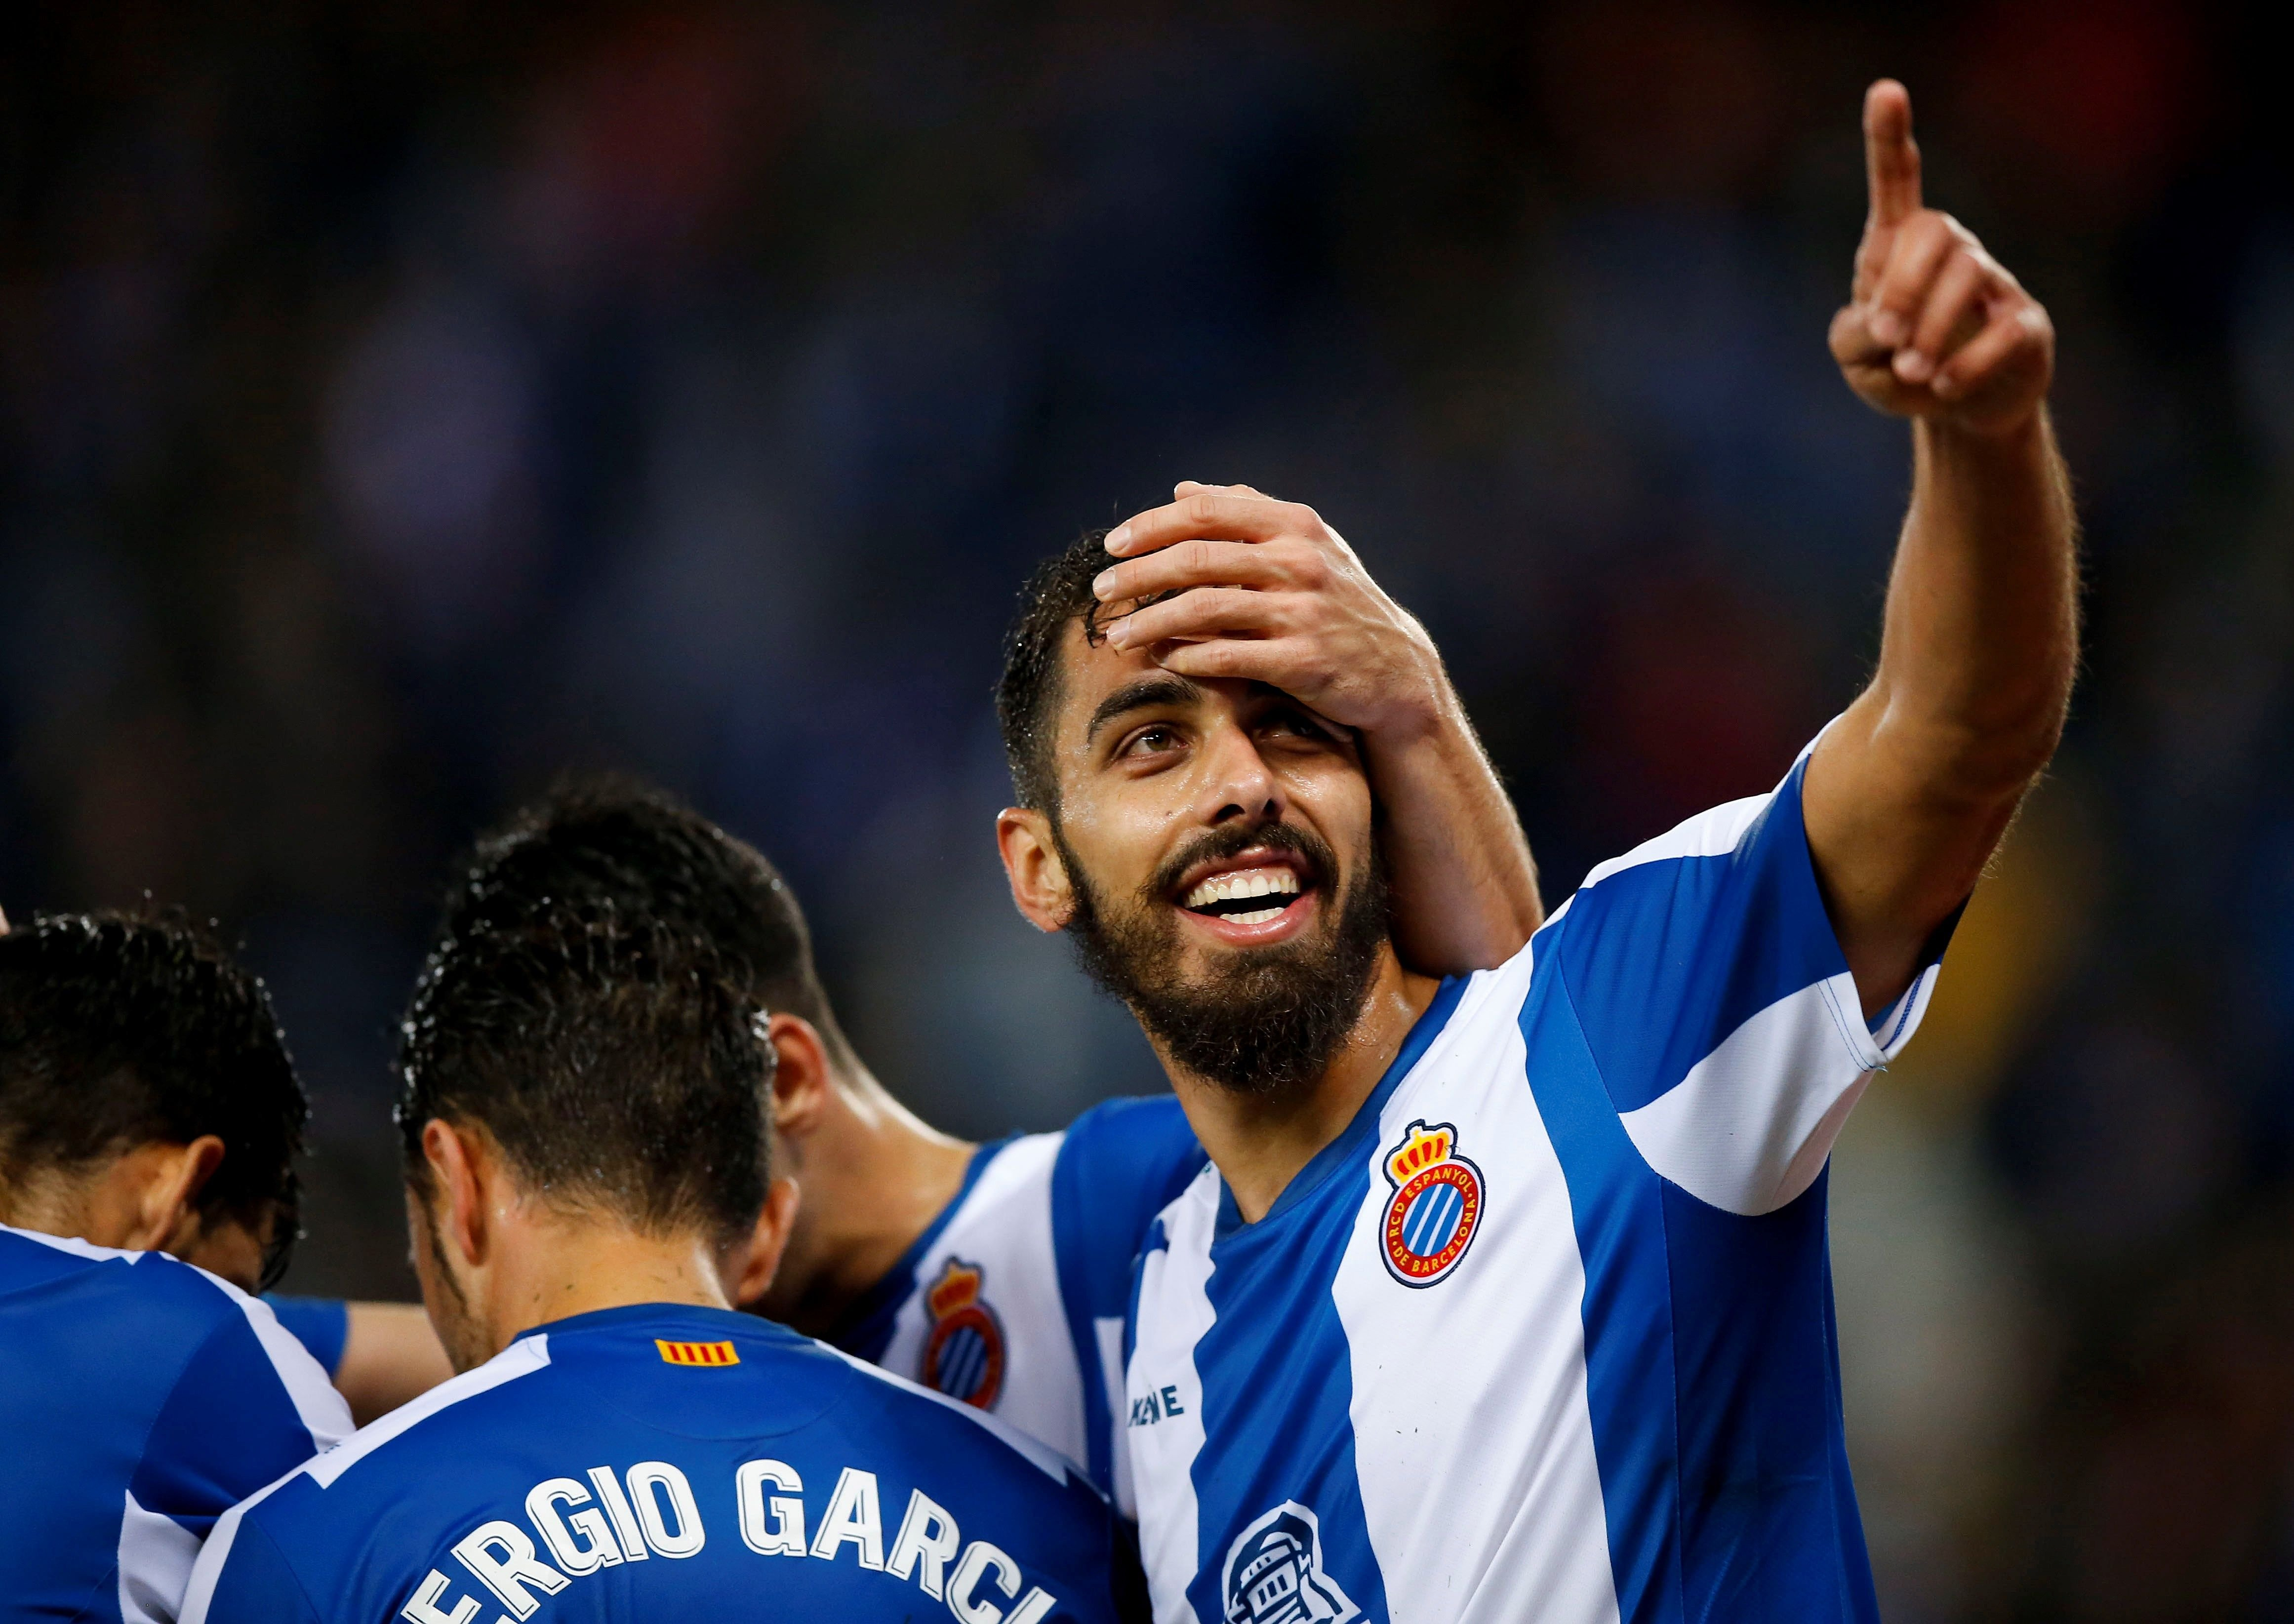 Borja Iglesias Espanyol EFE